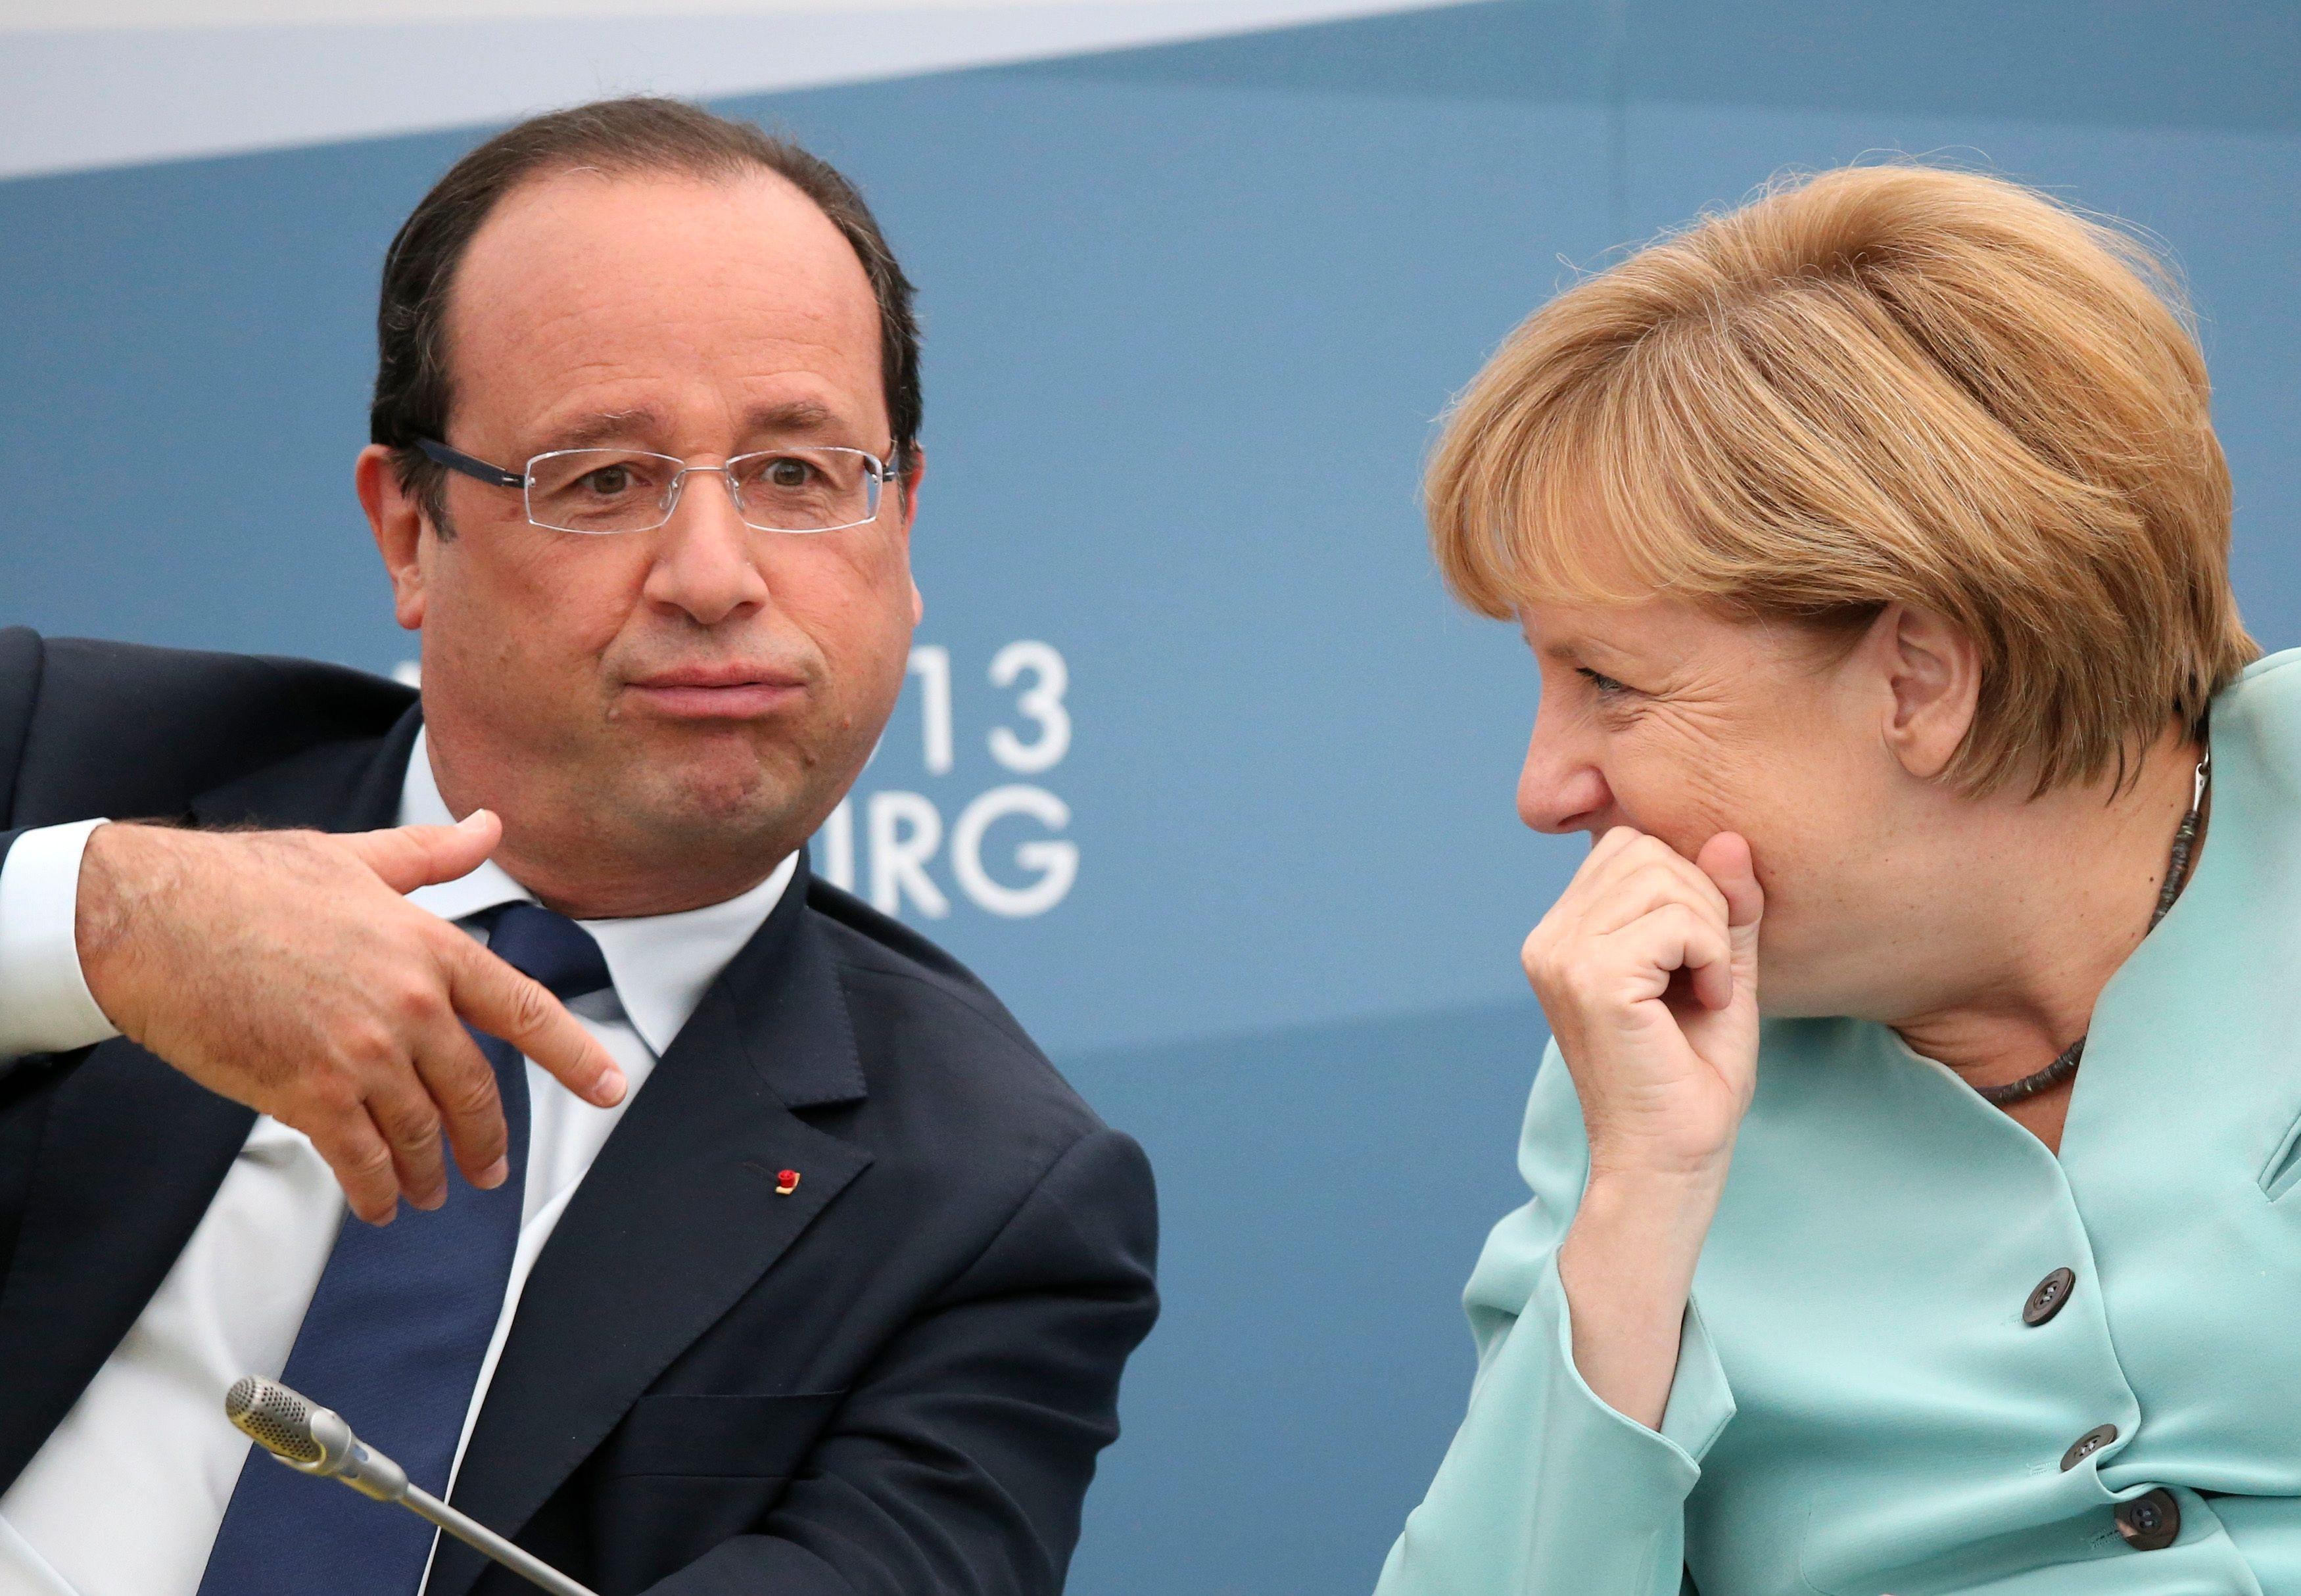 François Hollande et Angela Merkel se retrouvent ces 9 et 10 mai pour une réunion informelle dans le fief électoral de la chancelière, au nord-est de l'Allemagne.